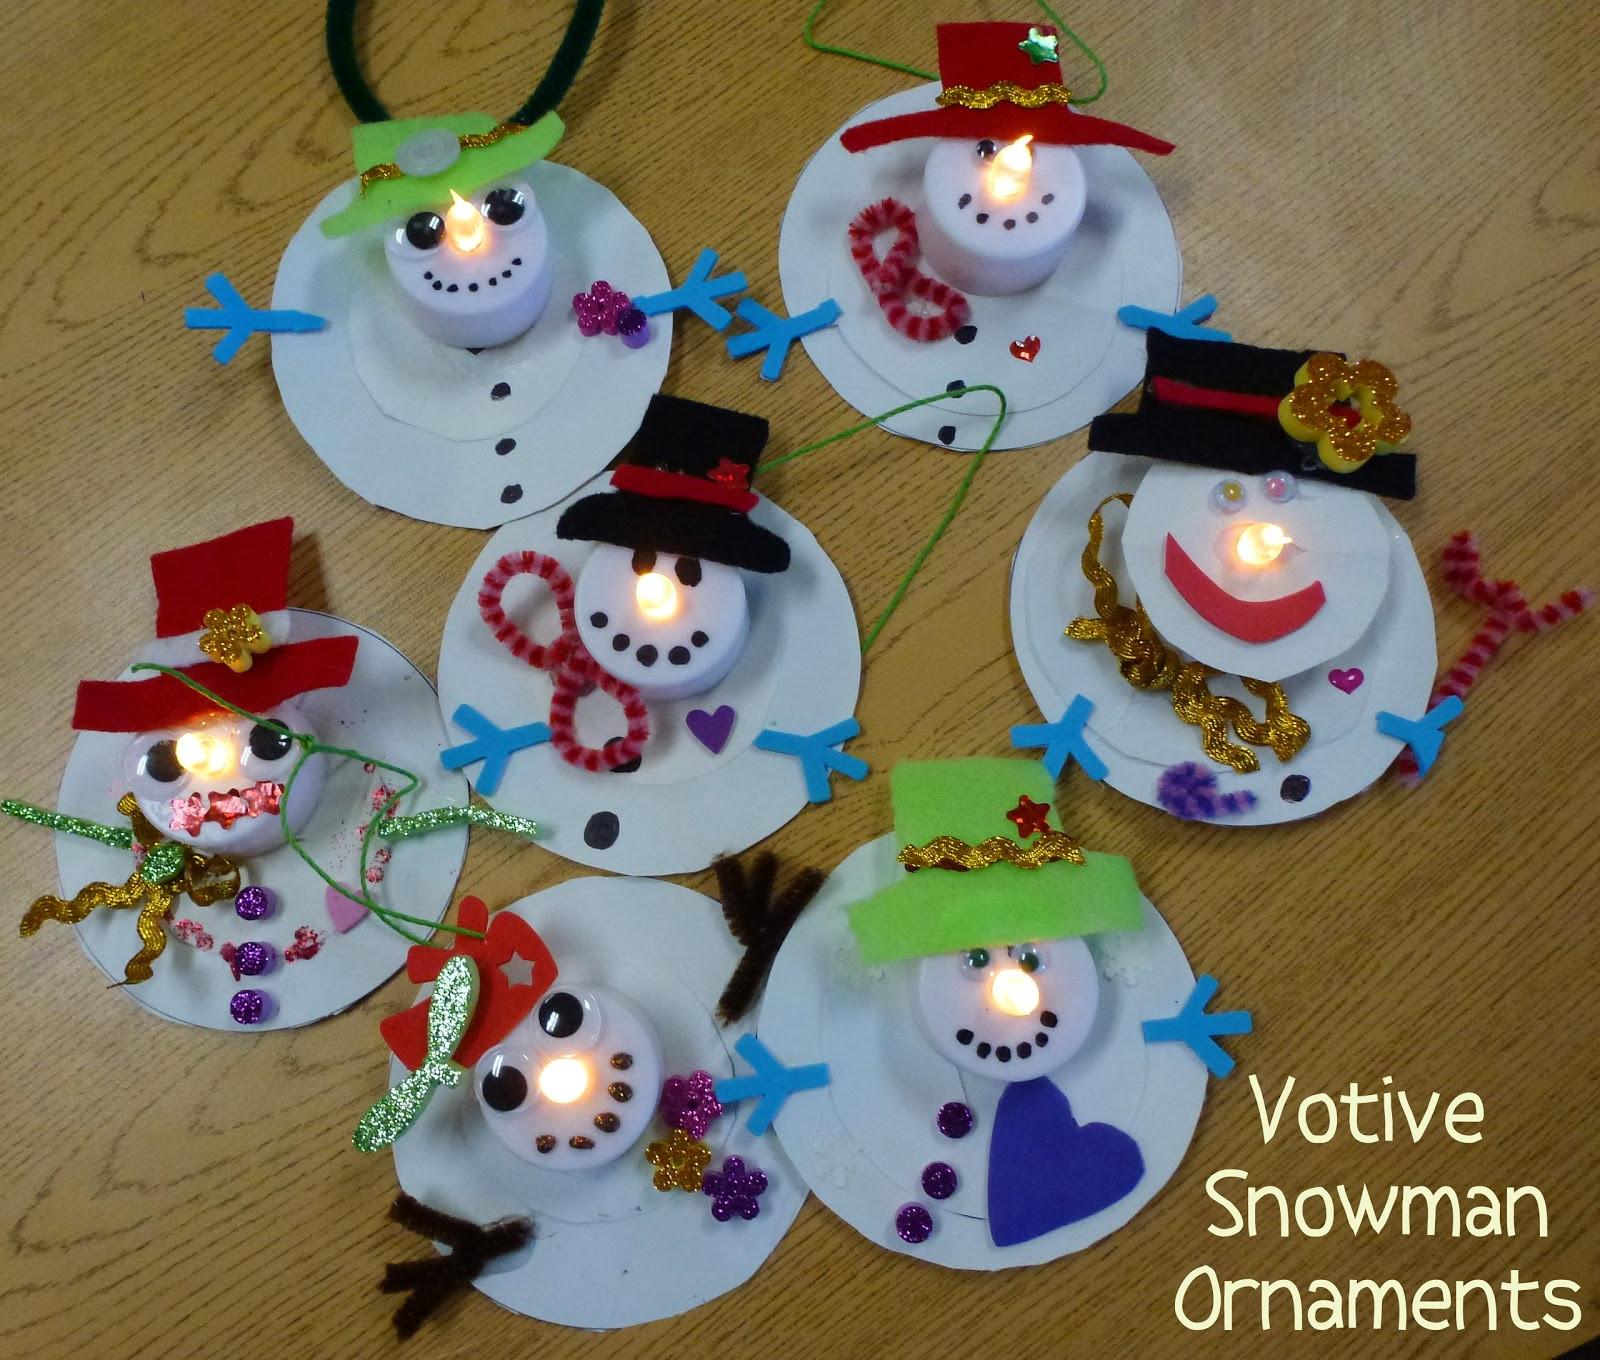 Christmas Art Ideas  Choices for Children Votive Snowman Ornaments